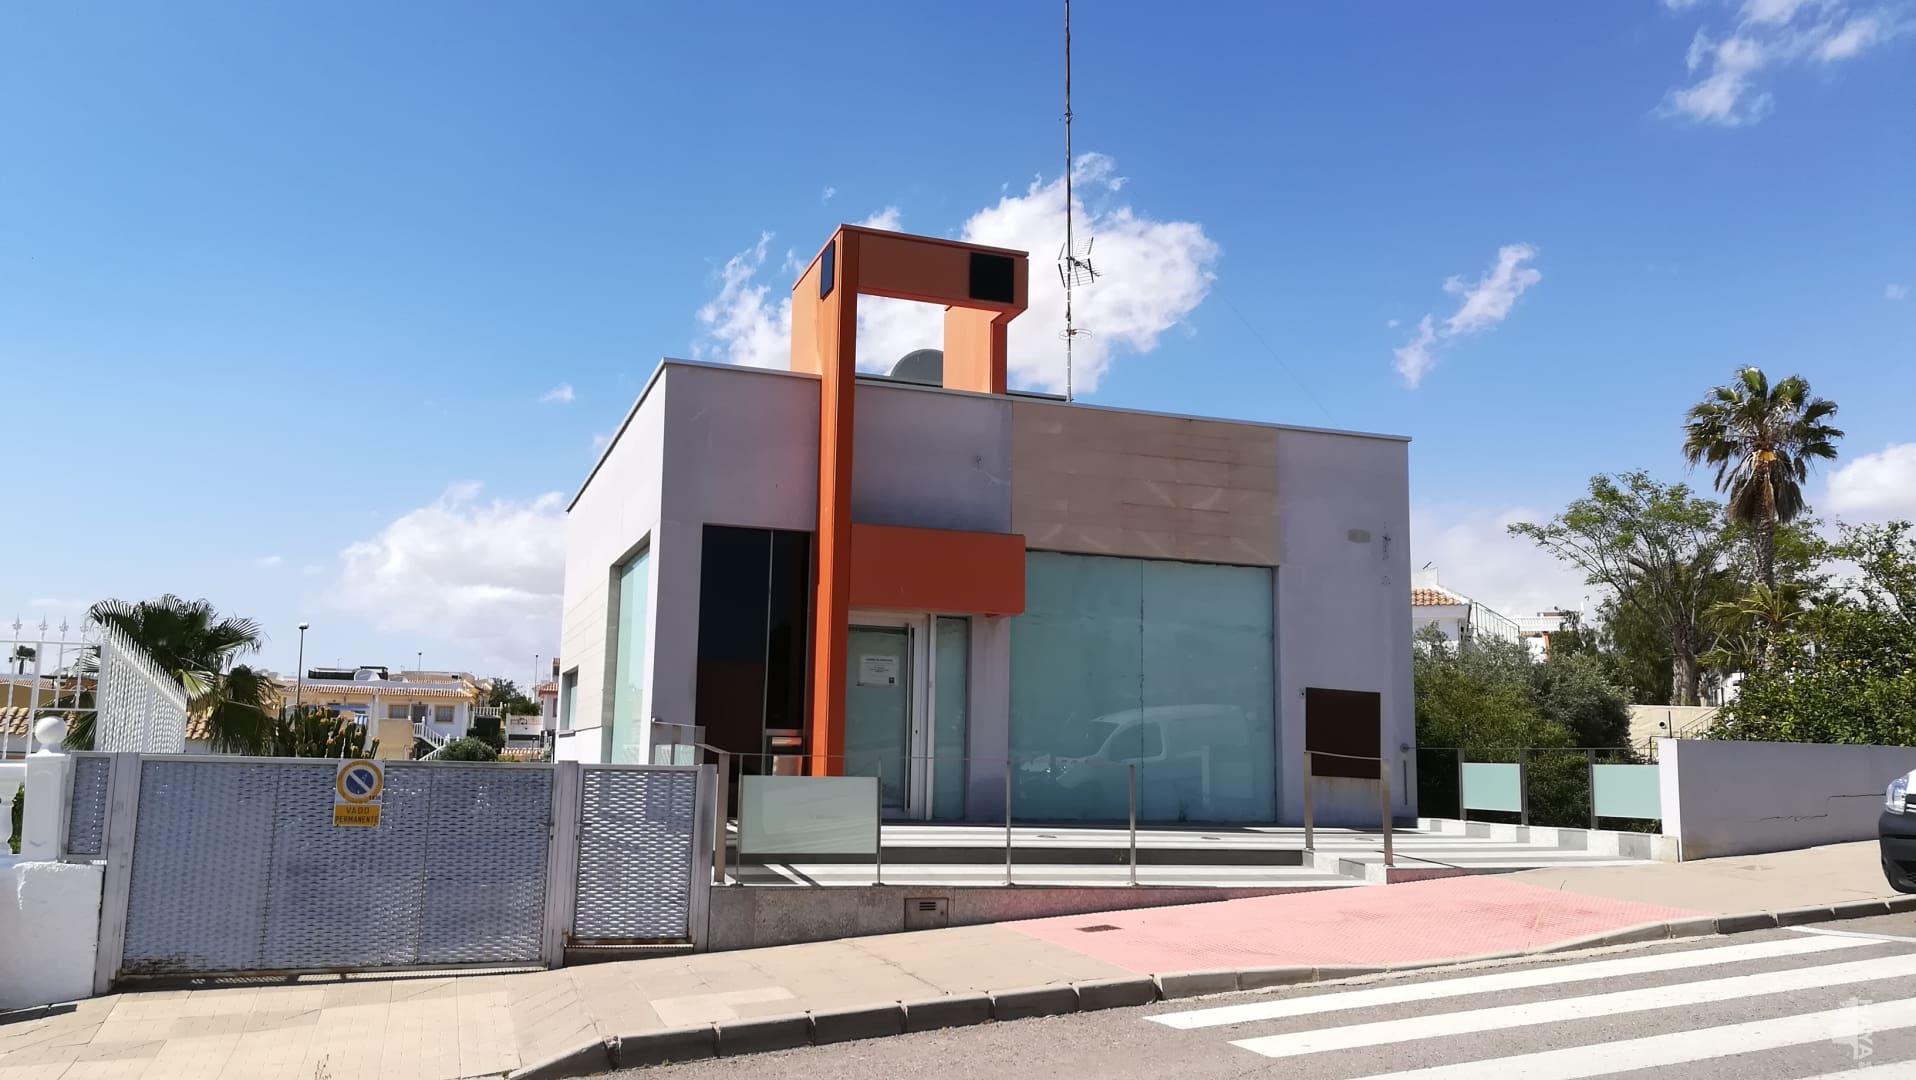 Local en venta en Mazarrón, Murcia, Avenida del Saladillo, 215.376 €, 60 m2